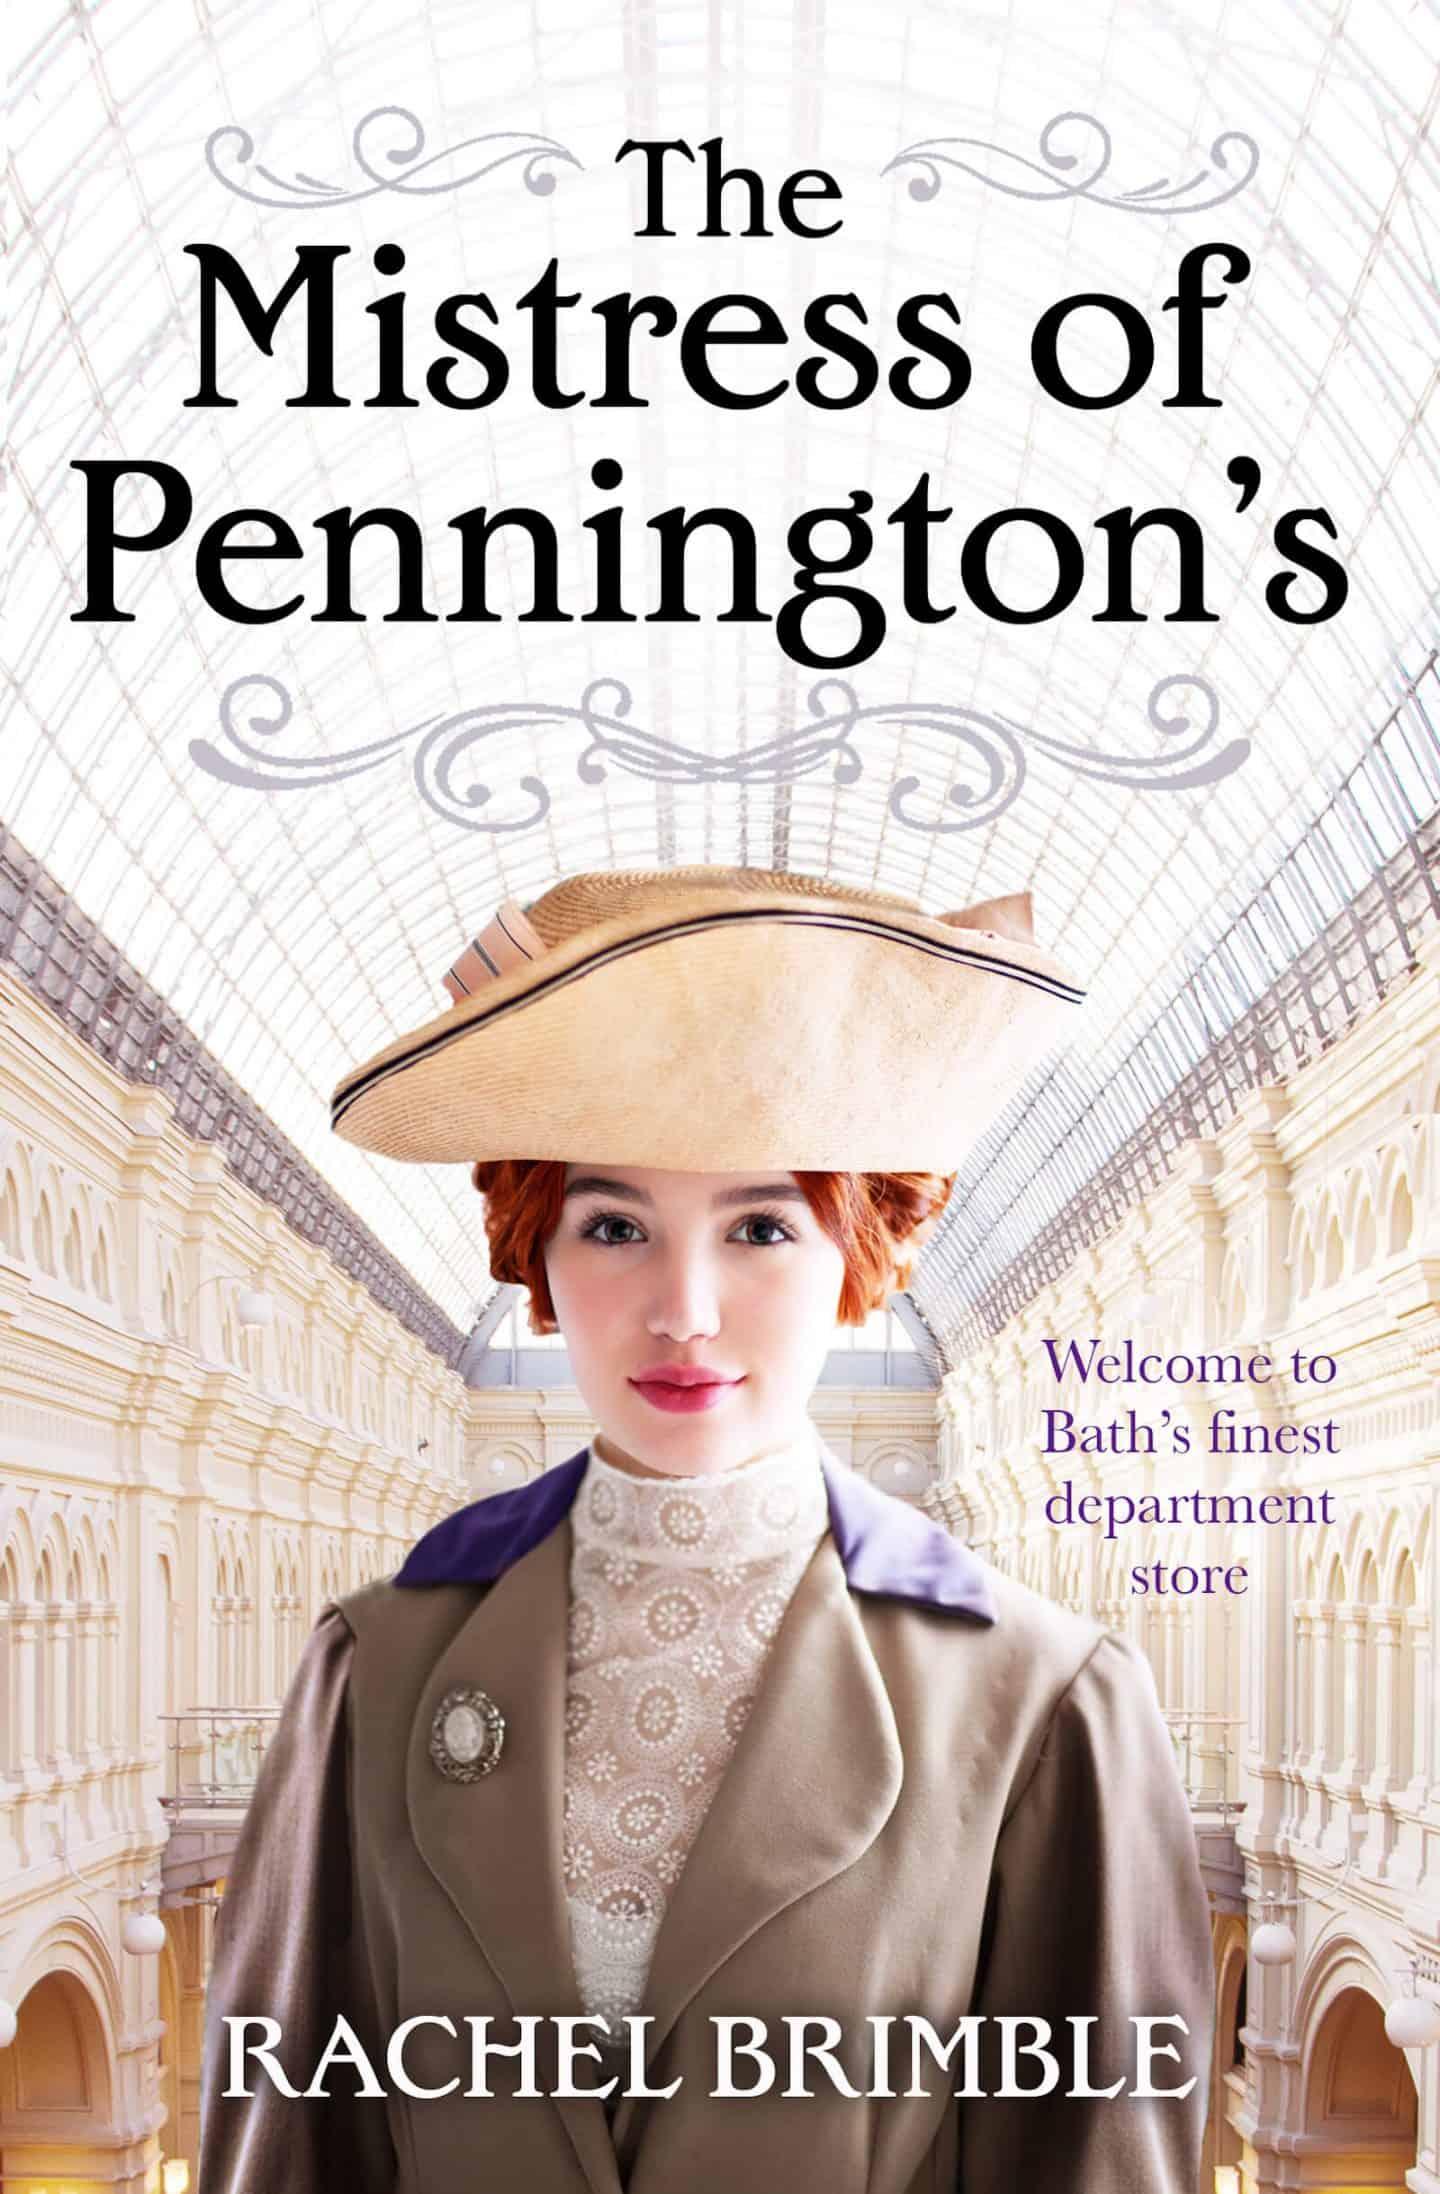 Blog Tour: The Mistress of Pennington's